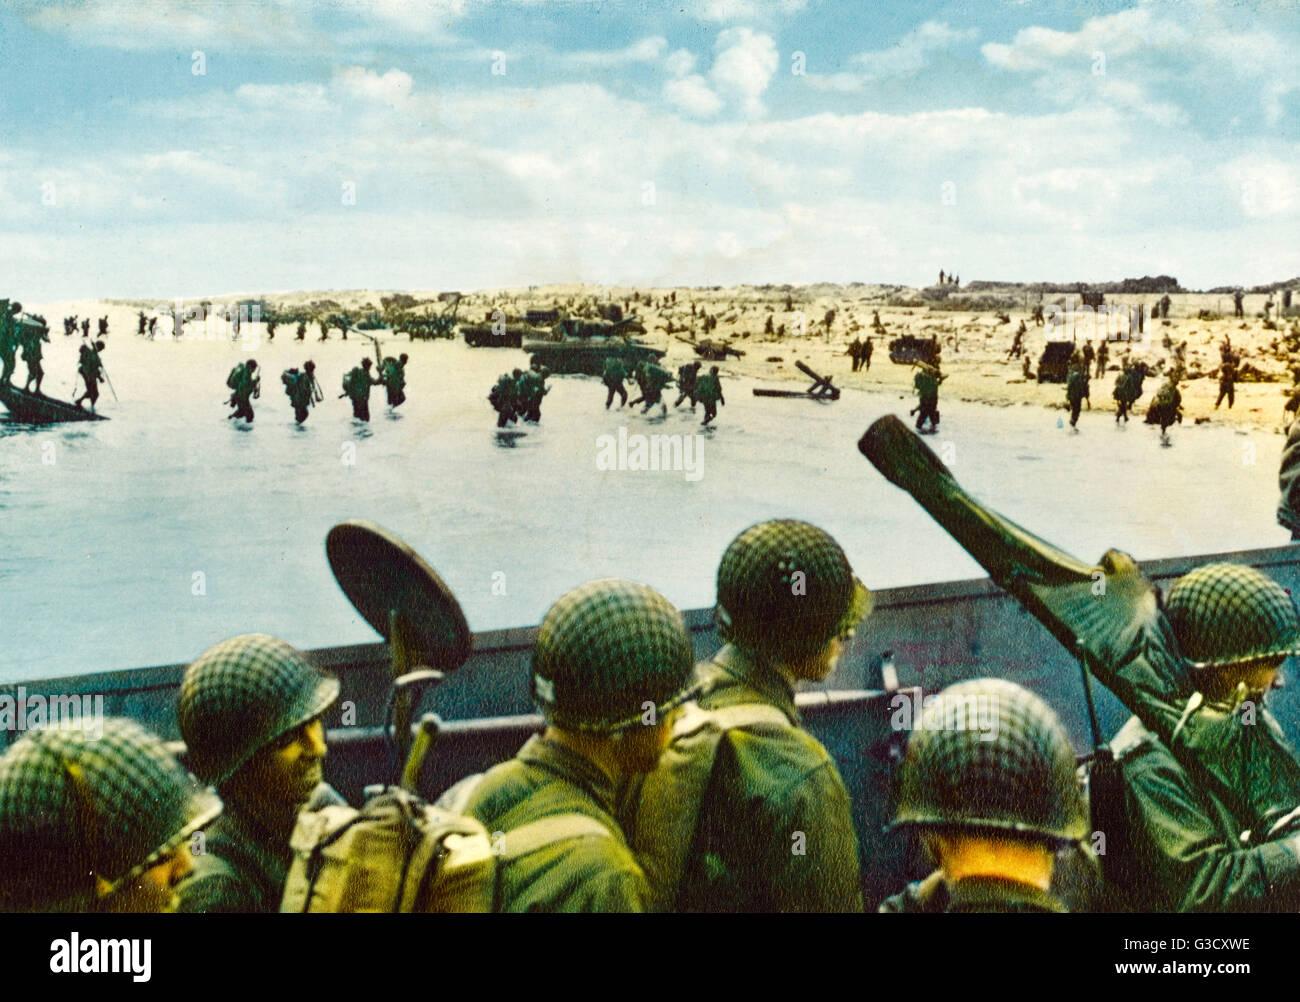 Debarquement De Normandie 6 Juin 1944 Ww2 Remarque Le Soldat Americain Dans Le Landing Craft Tenant Un Detecteur De Metal A Balayer Pour Les Mines Date 1944 Photo Stock Alamy